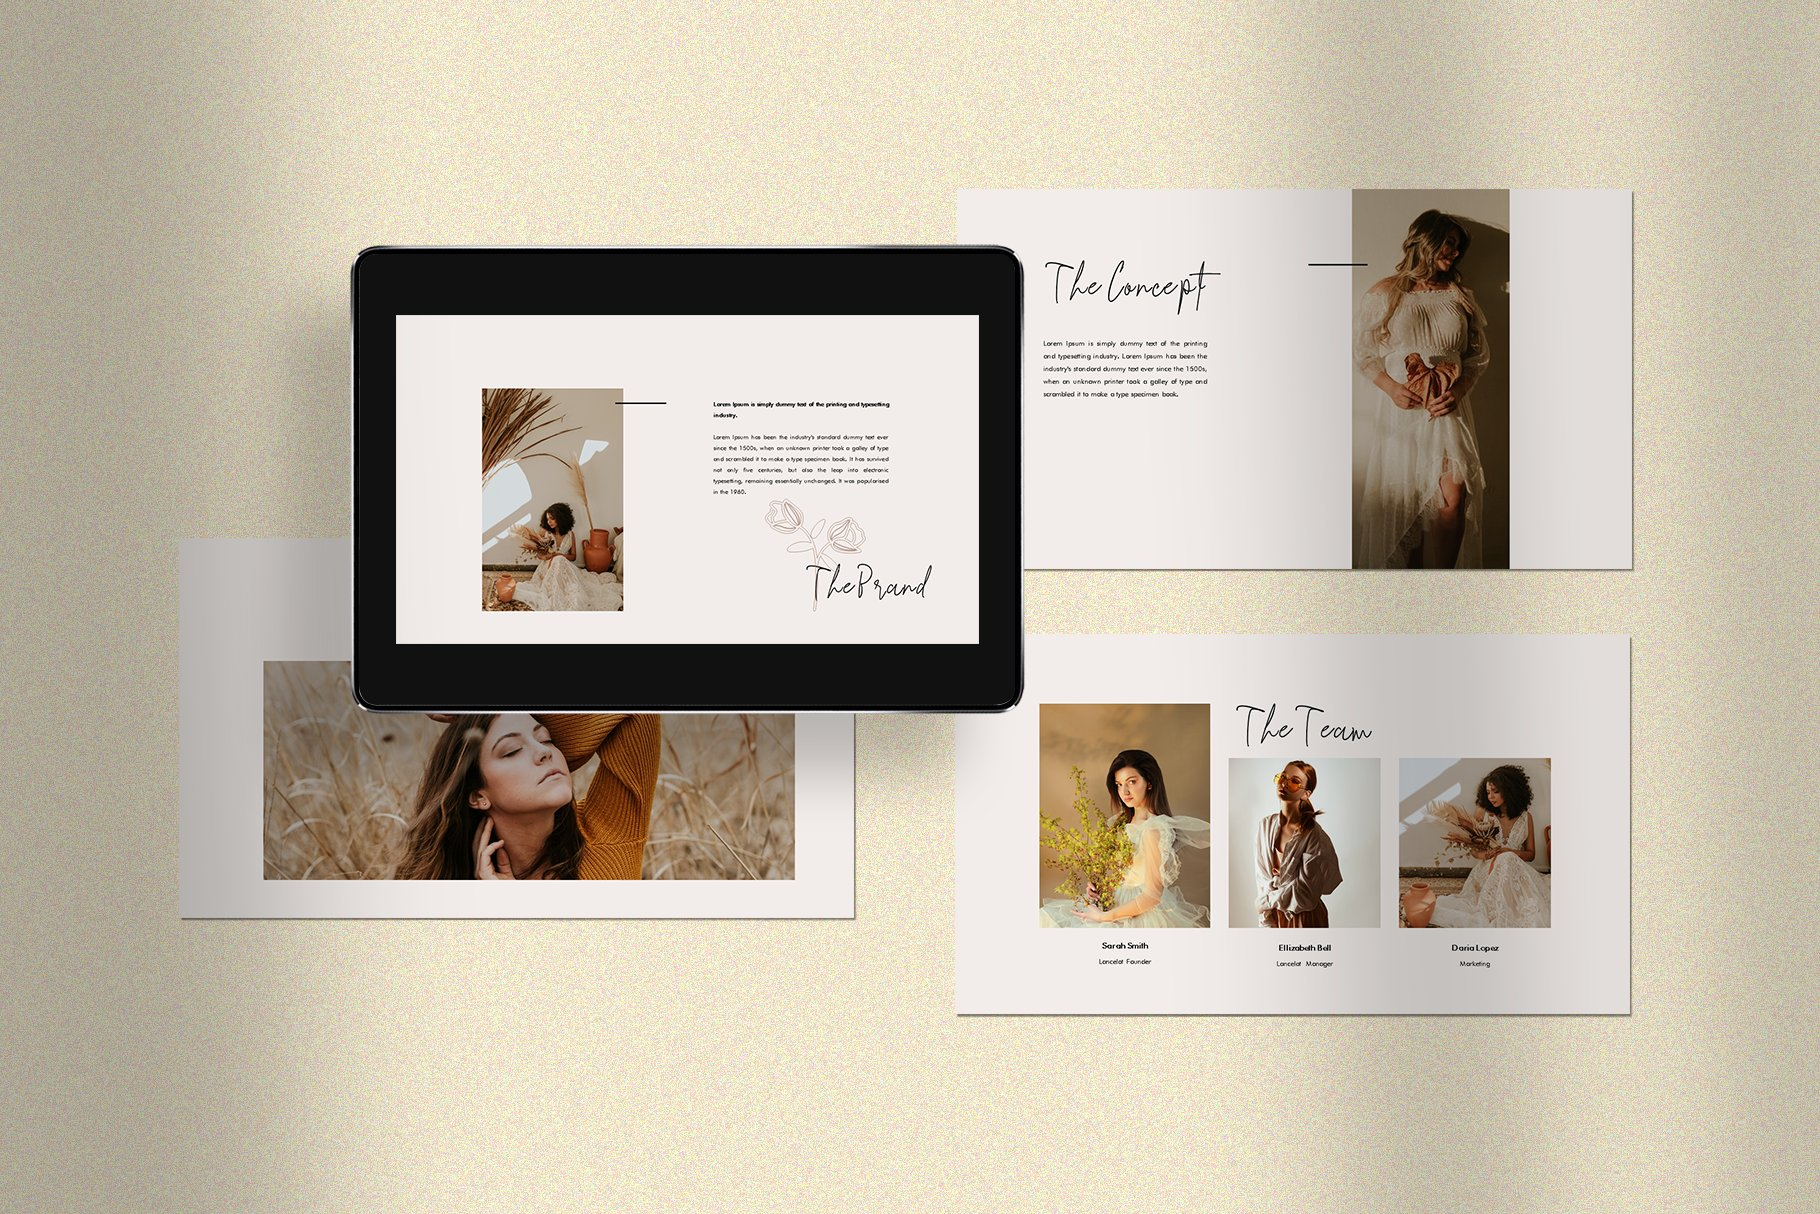 时尚简约女性服装摄影作品集PPT幻灯片模板 Lancelot Presentation Template插图(3)